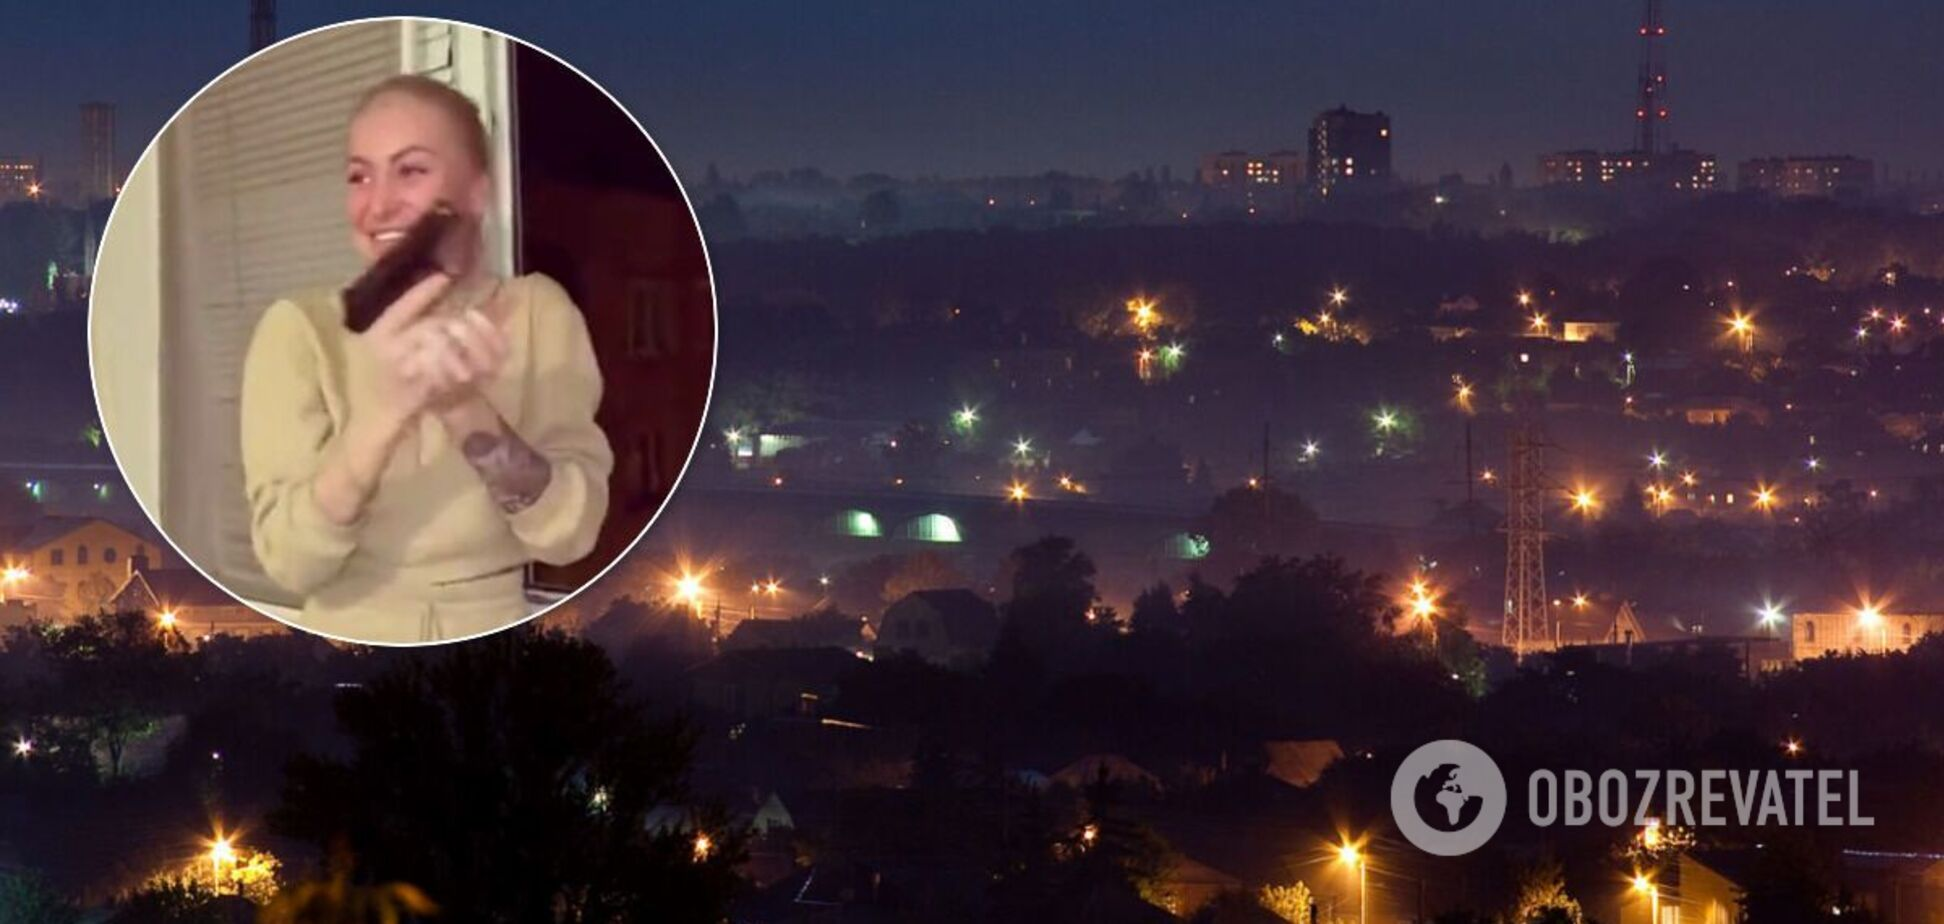 У Харкові дівчина похвалилася стріляниною у відчинене вікно по місту. Відео